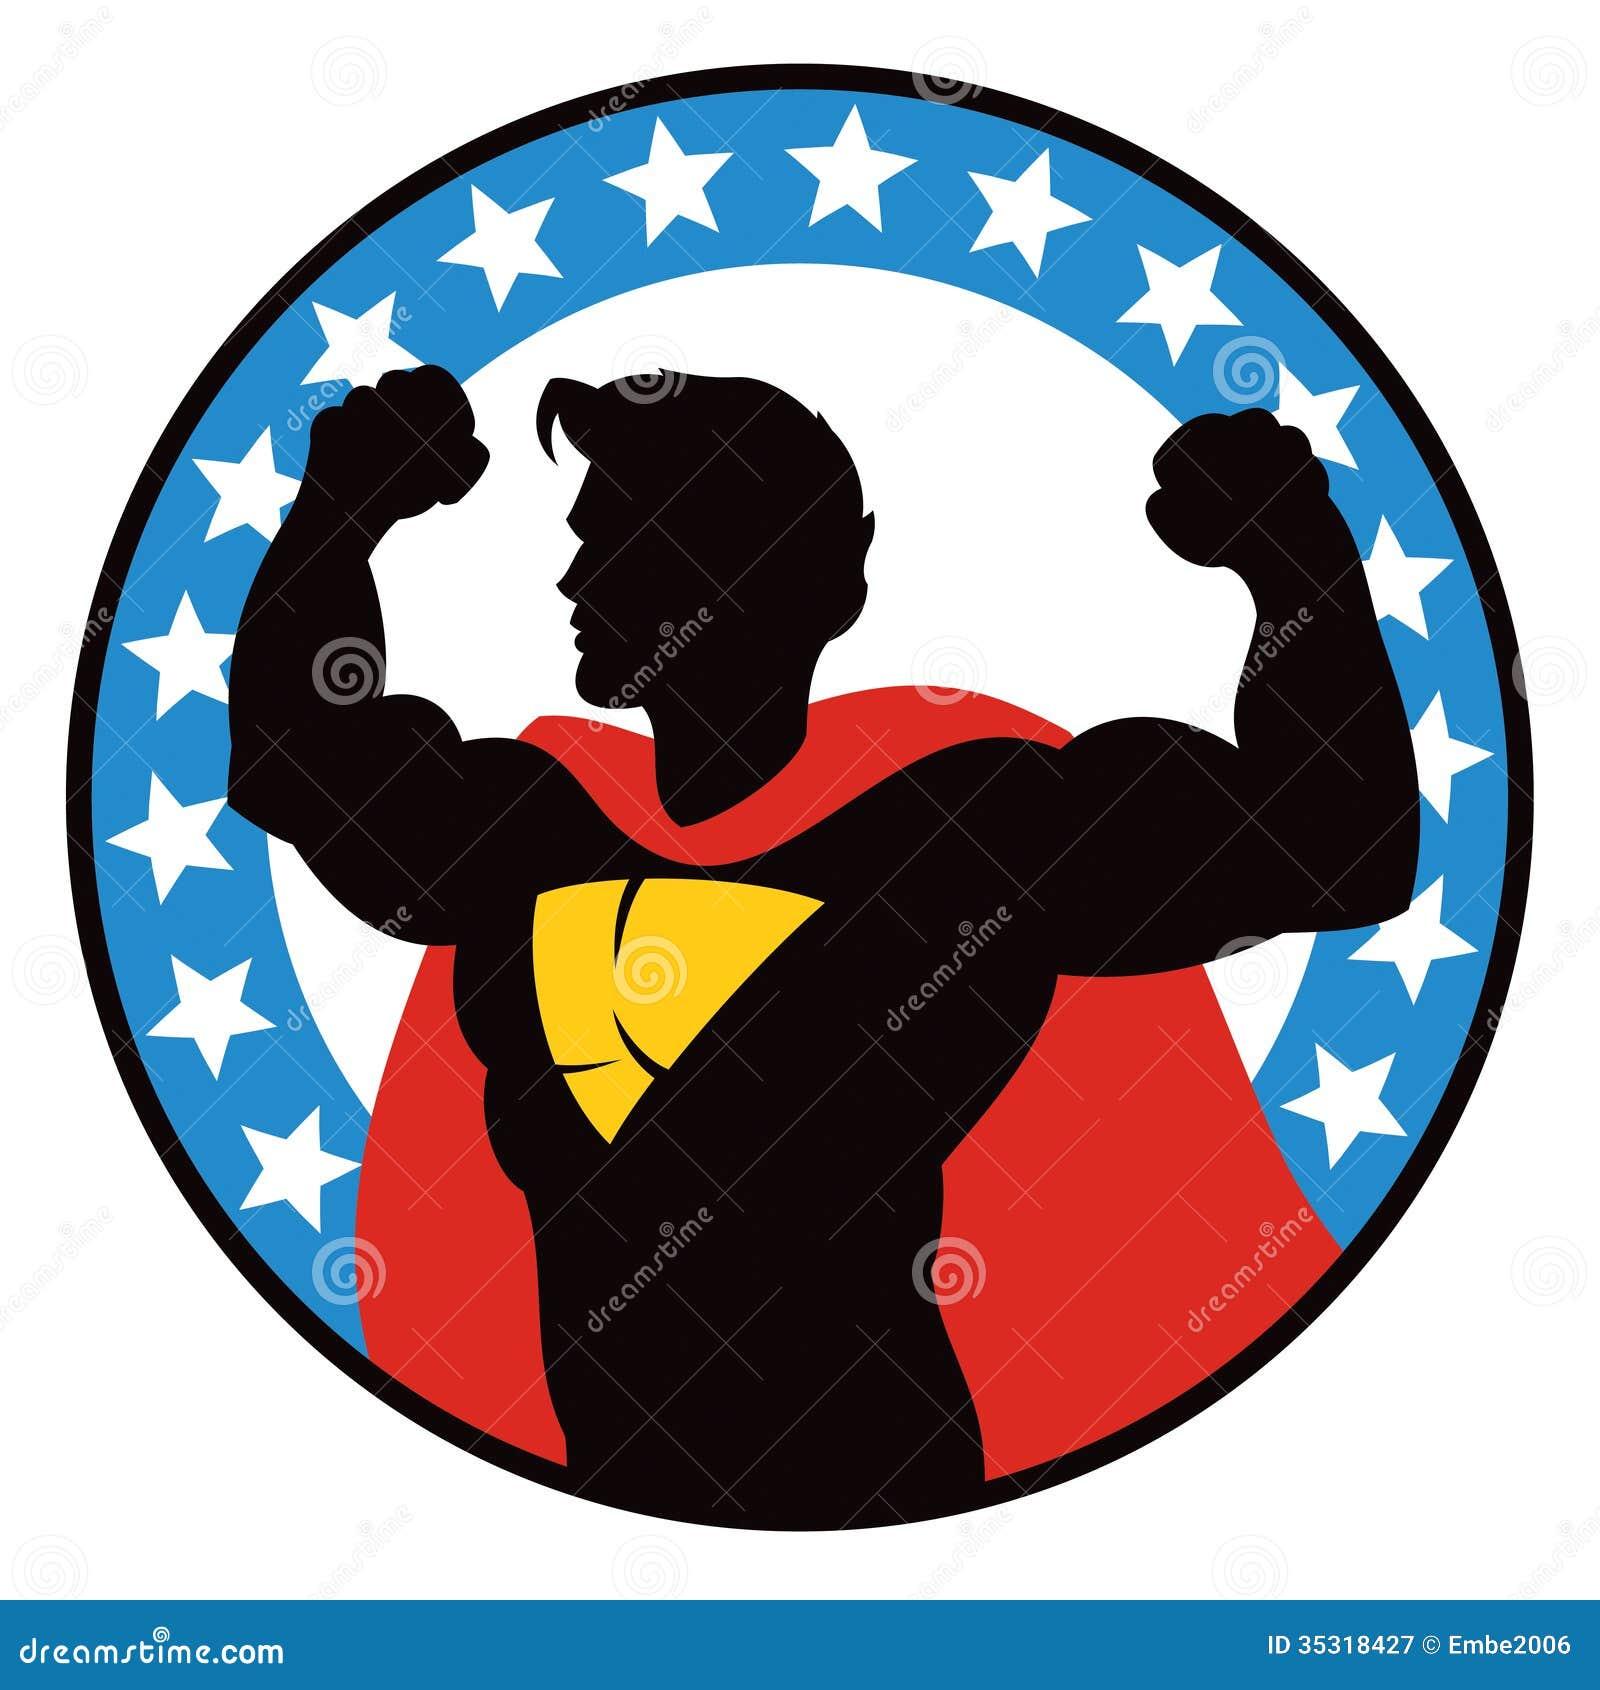 superhero logo maker ptapizza co rh ptapizza co online superhero logo maker superhero logo maker free